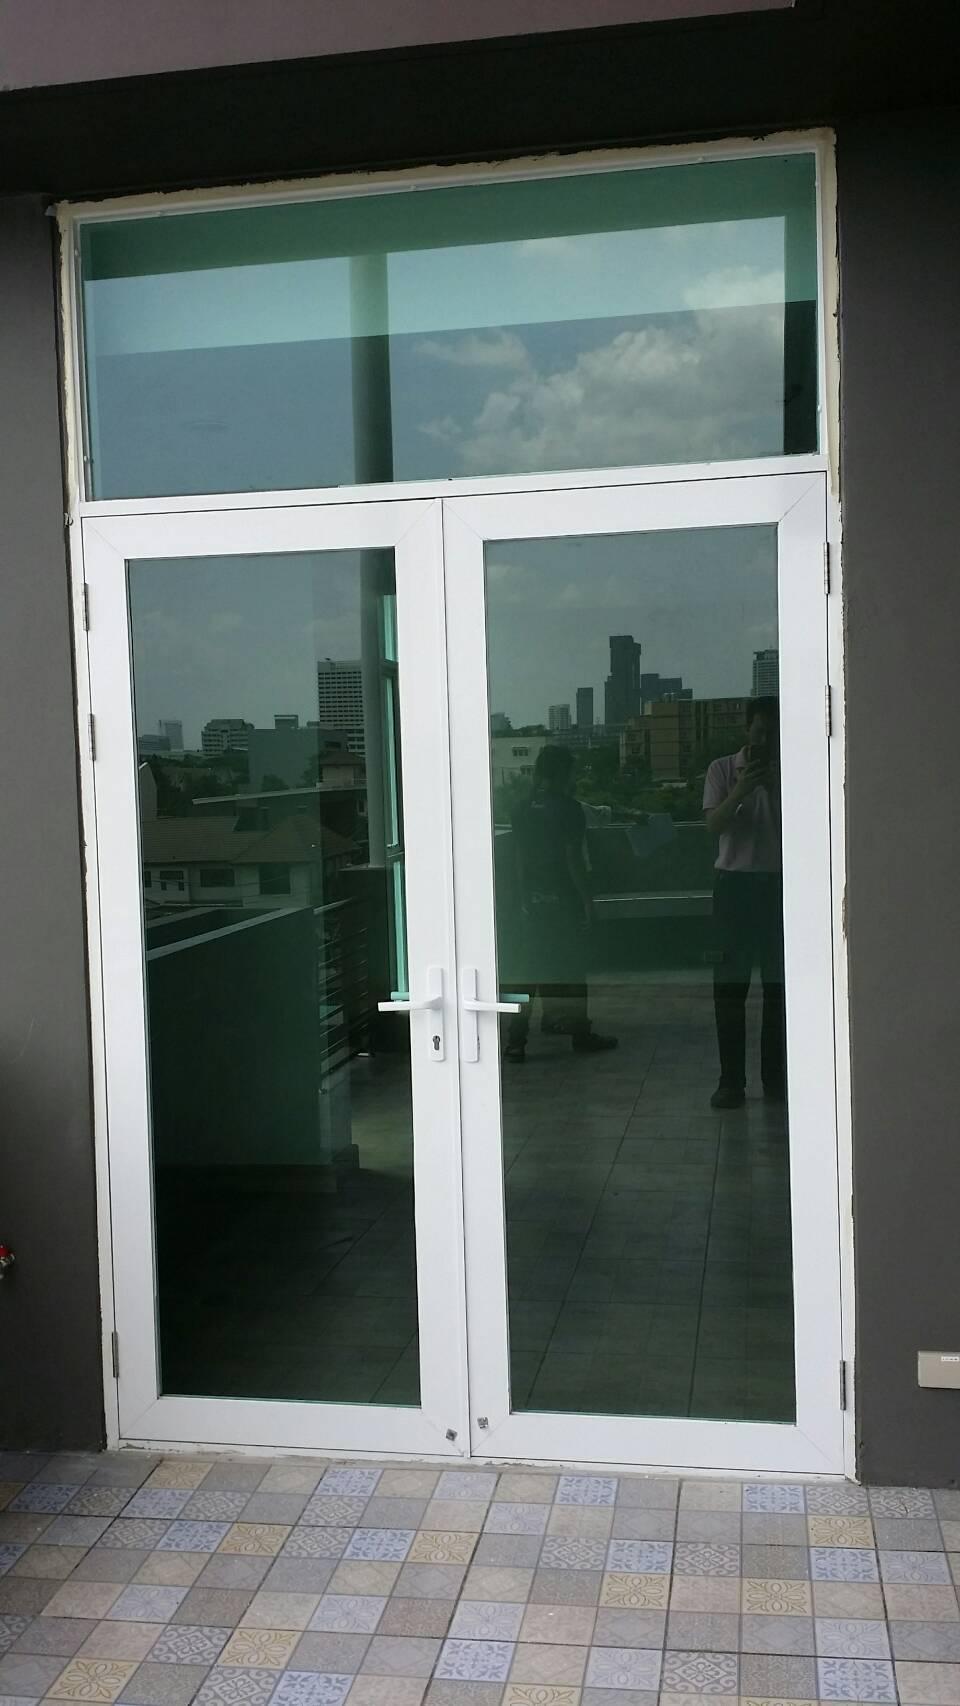 ติดตั้งประตู/หน้าต่าง กระจกและอลูมิเนียม ลาดพร้าว 41 อาคารสำนักงานและที่พักอาศัย 5ชั้น ของบริษัท AUT